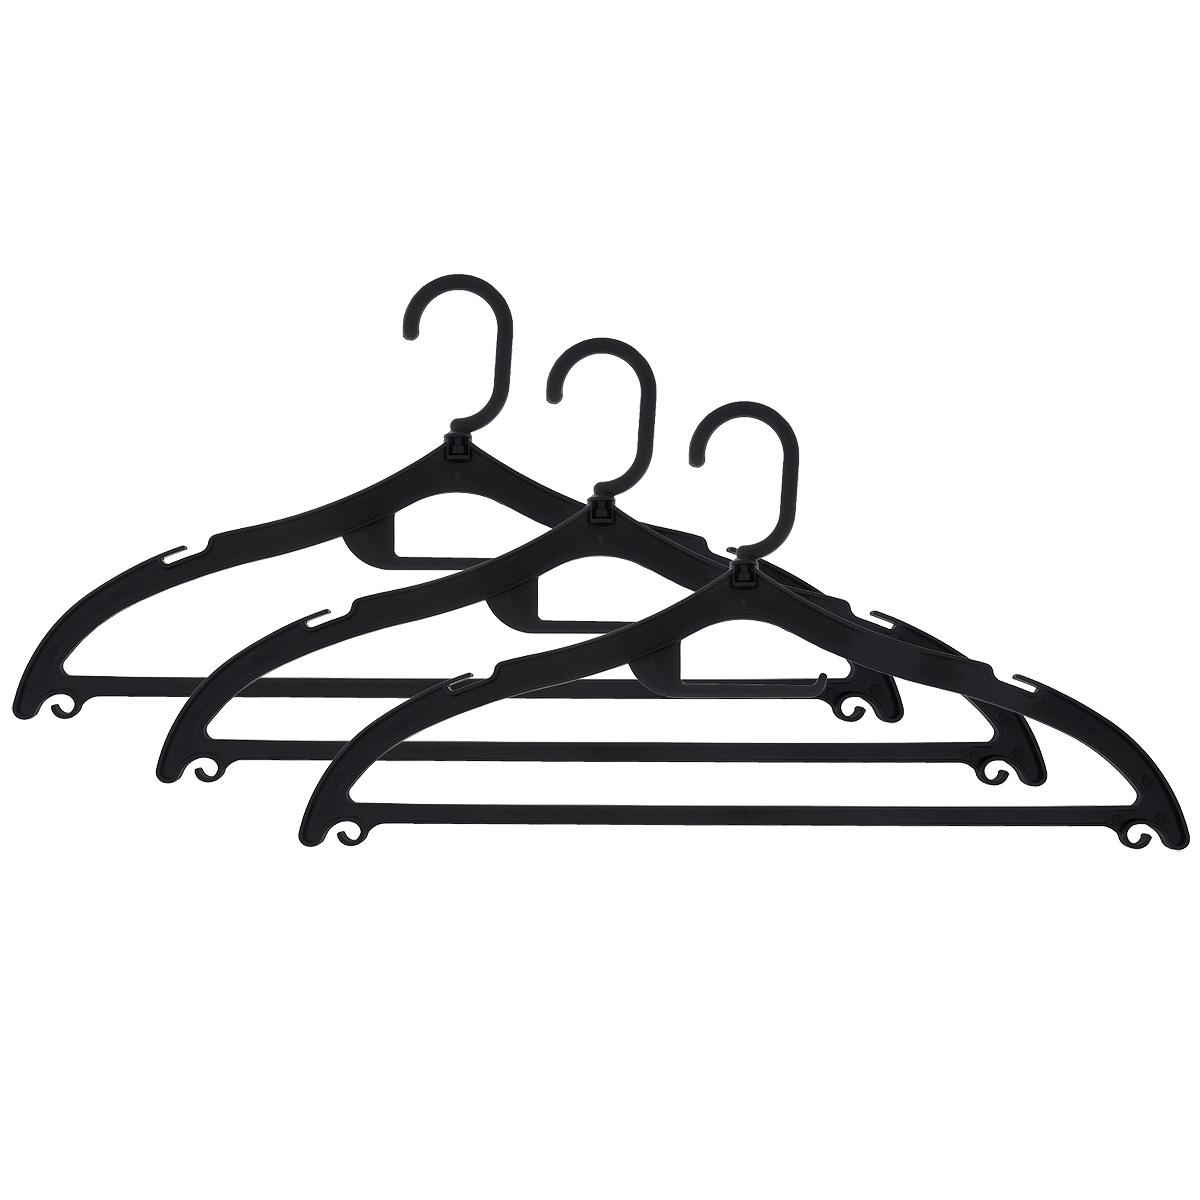 Набор вешалок Полимербыт, с перекладиной, с крючками, цвет: черный, размер 48-50, 3 шт. С322С322Набор Полимербыт, выполненный из прочного пластика, состоит из 3 вешалок.Каждое изделие оснащено перекладиной, боковыми крючками, крючком для галстуков, а также выемками для петелек одежды. Вешалка - это незаменимая вещь для того, чтобы ваша одежда всегда оставалась в хорошем состоянии.Комплектация: 3 шт.Размер одежды: 48-50.